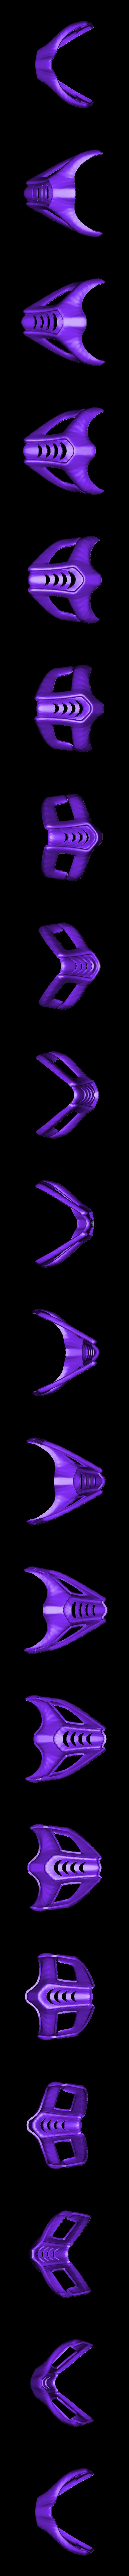 sub-zero-alternate_3mm.stl Télécharger fichier STL gratuit Masque sous-zéro • Plan imprimable en 3D, ayoubtouait